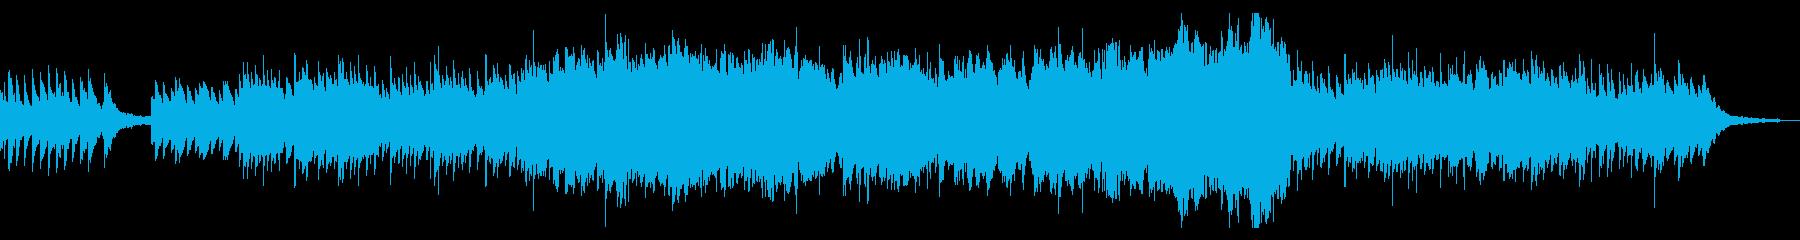 ピアノとオーケストラの感動的バラードの再生済みの波形